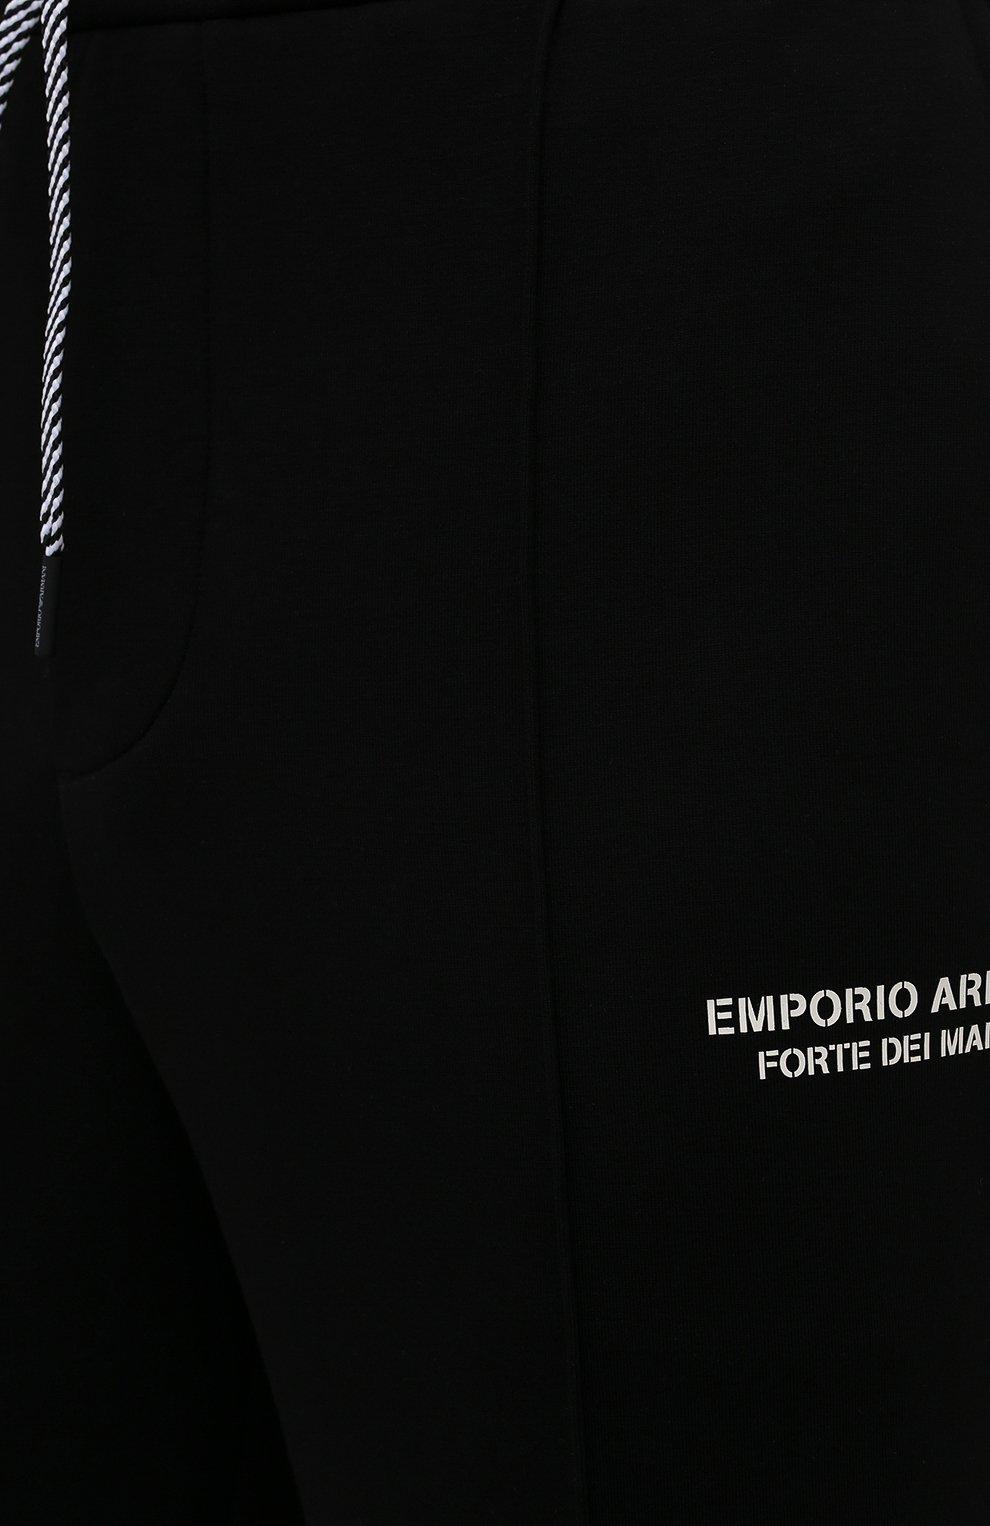 Мужские хлопковые брюки EMPORIO ARMANI черного цвета, арт. 6K1P67/1JHSZ | Фото 5 (Мужское Кросс-КТ: Брюки-трикотаж; Длина (брюки, джинсы): Стандартные; Кросс-КТ: Спорт; Материал внешний: Хлопок; Стили: Спорт-шик)